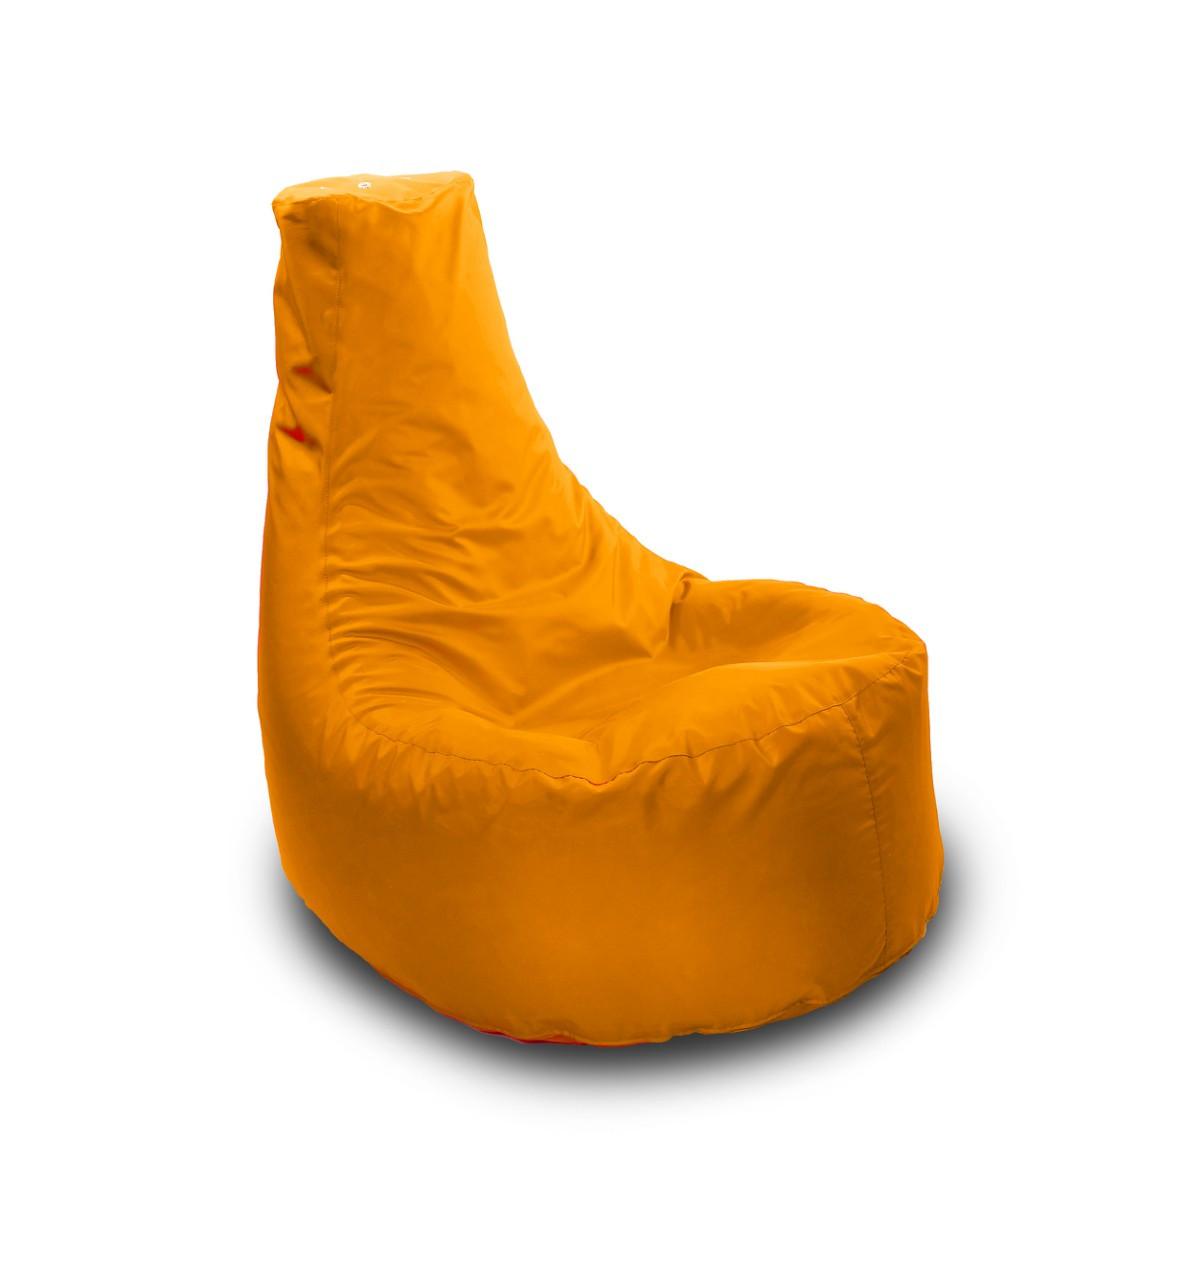 """Оранжевое бескаркасное кресло-мешок Кайф из Оксфорда - Интернет-магазин """"LaPufic""""   +380 98 06 33 565 в Николаеве"""